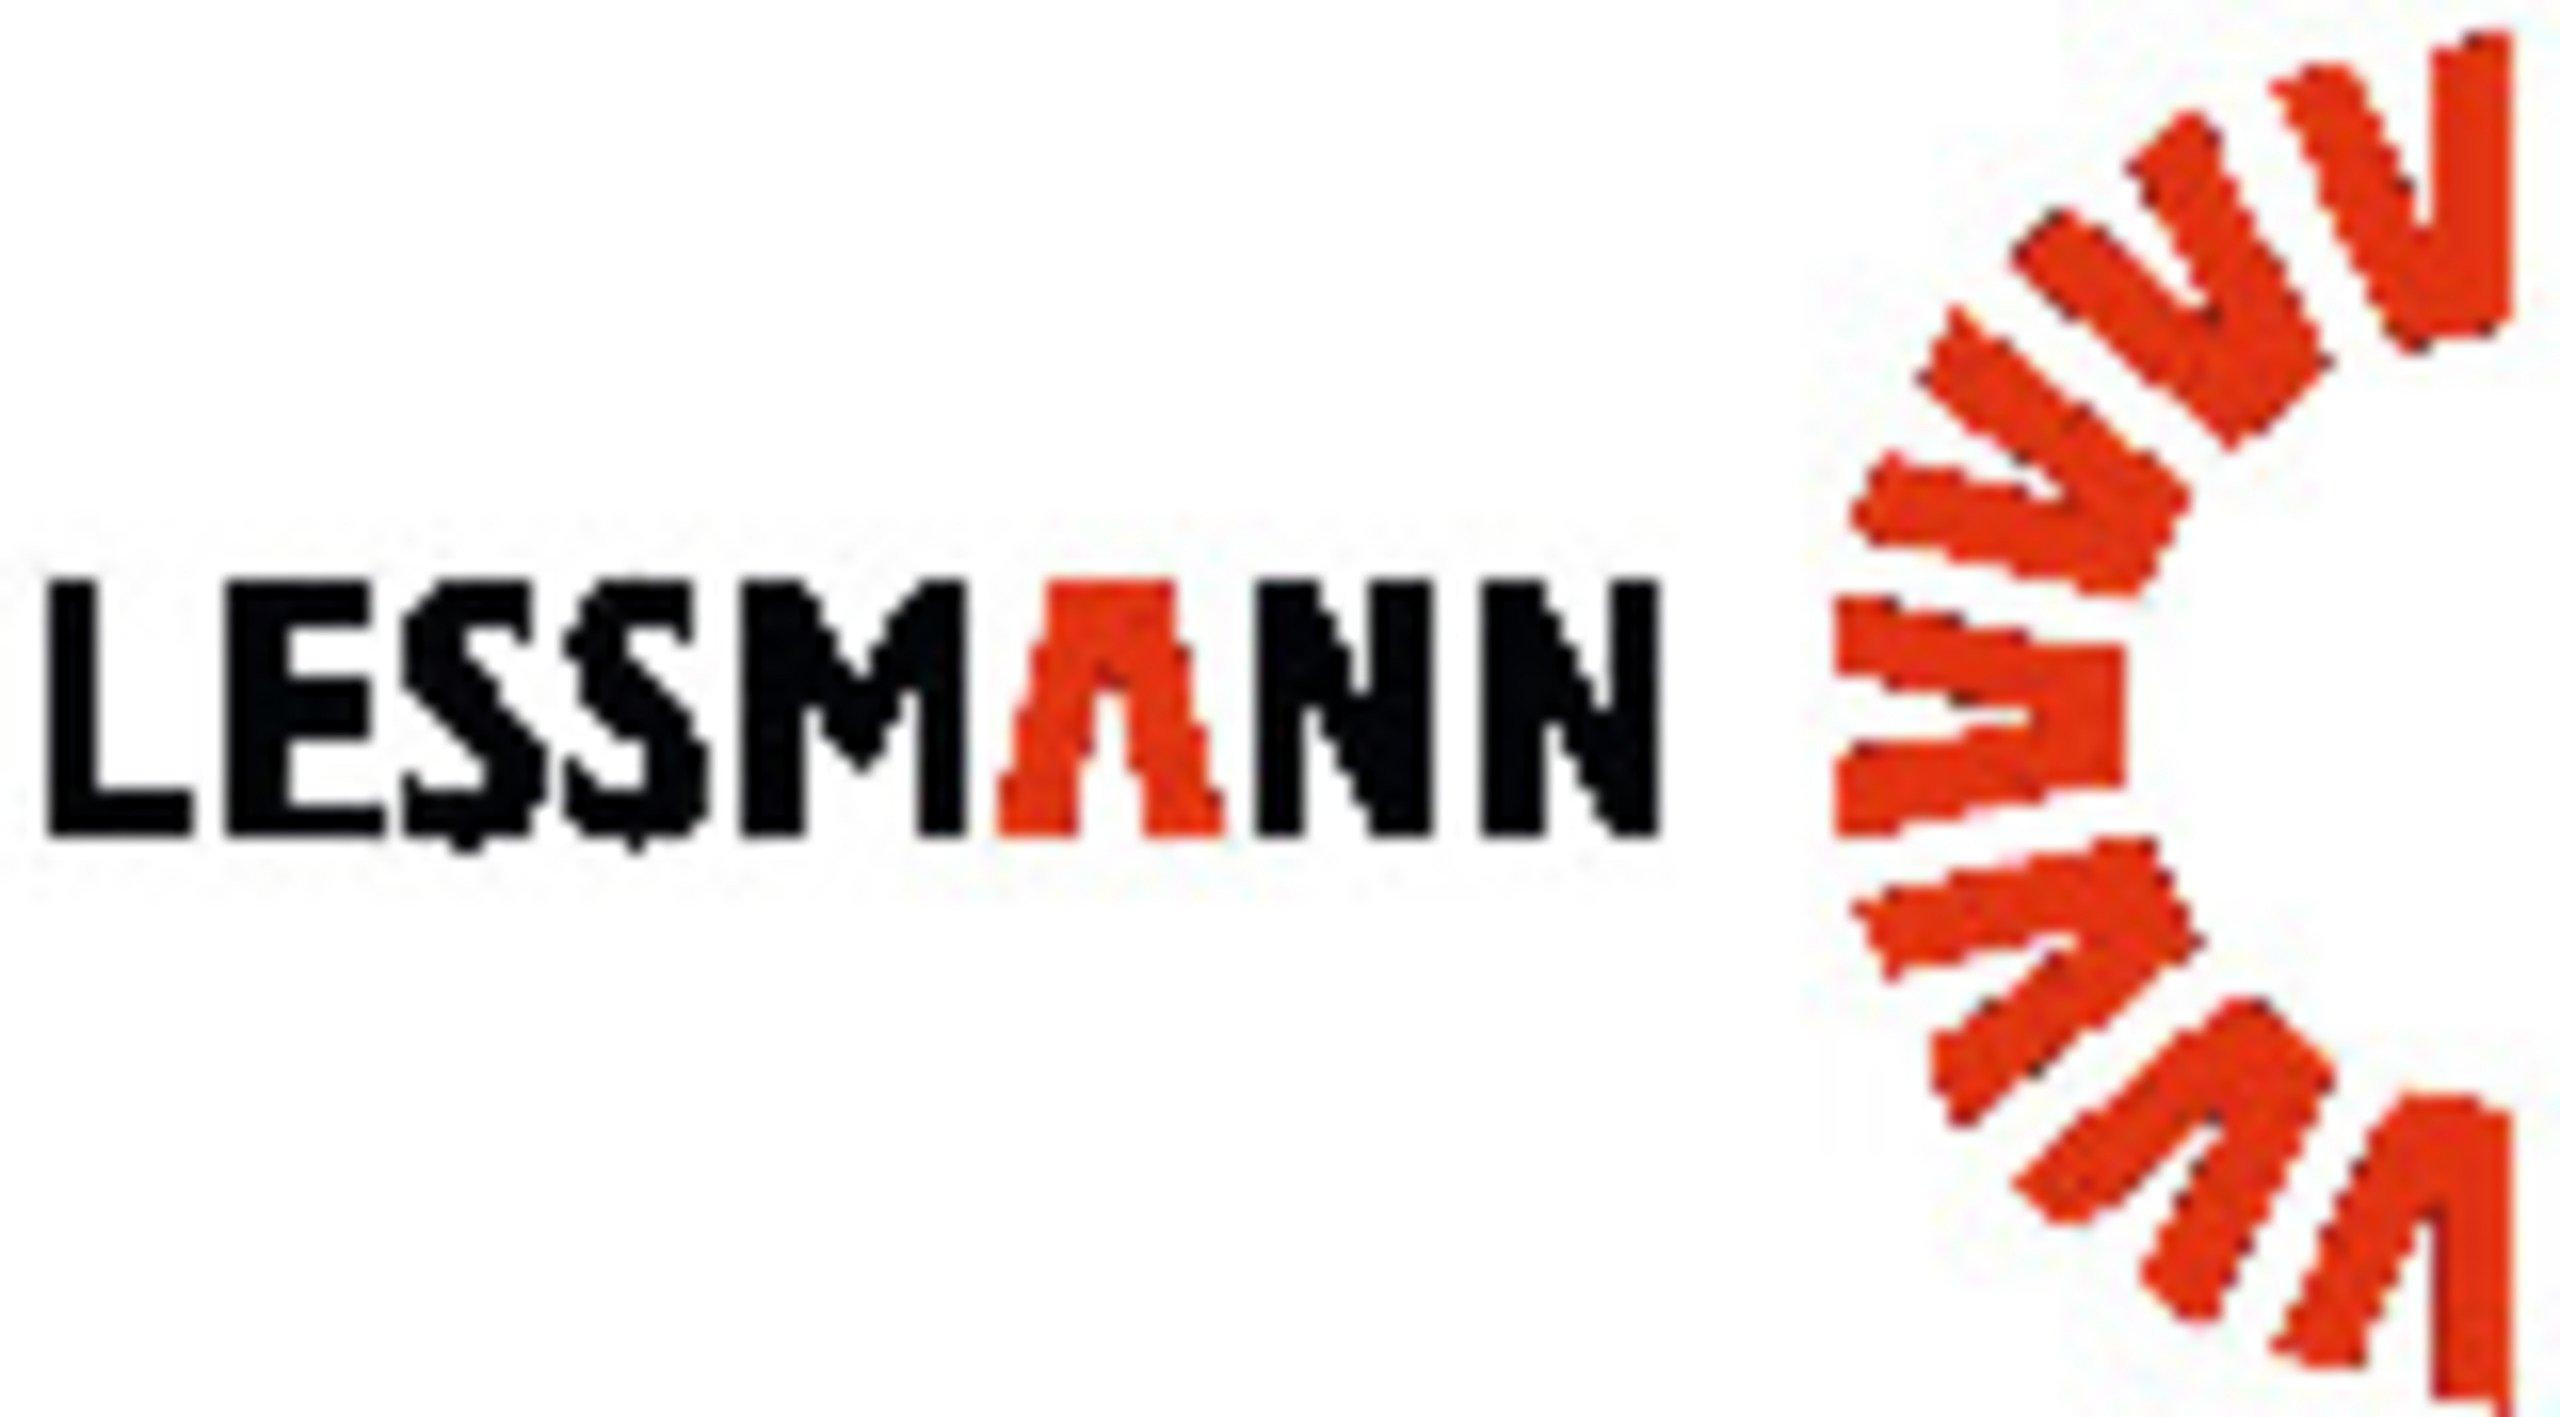 Lessmann